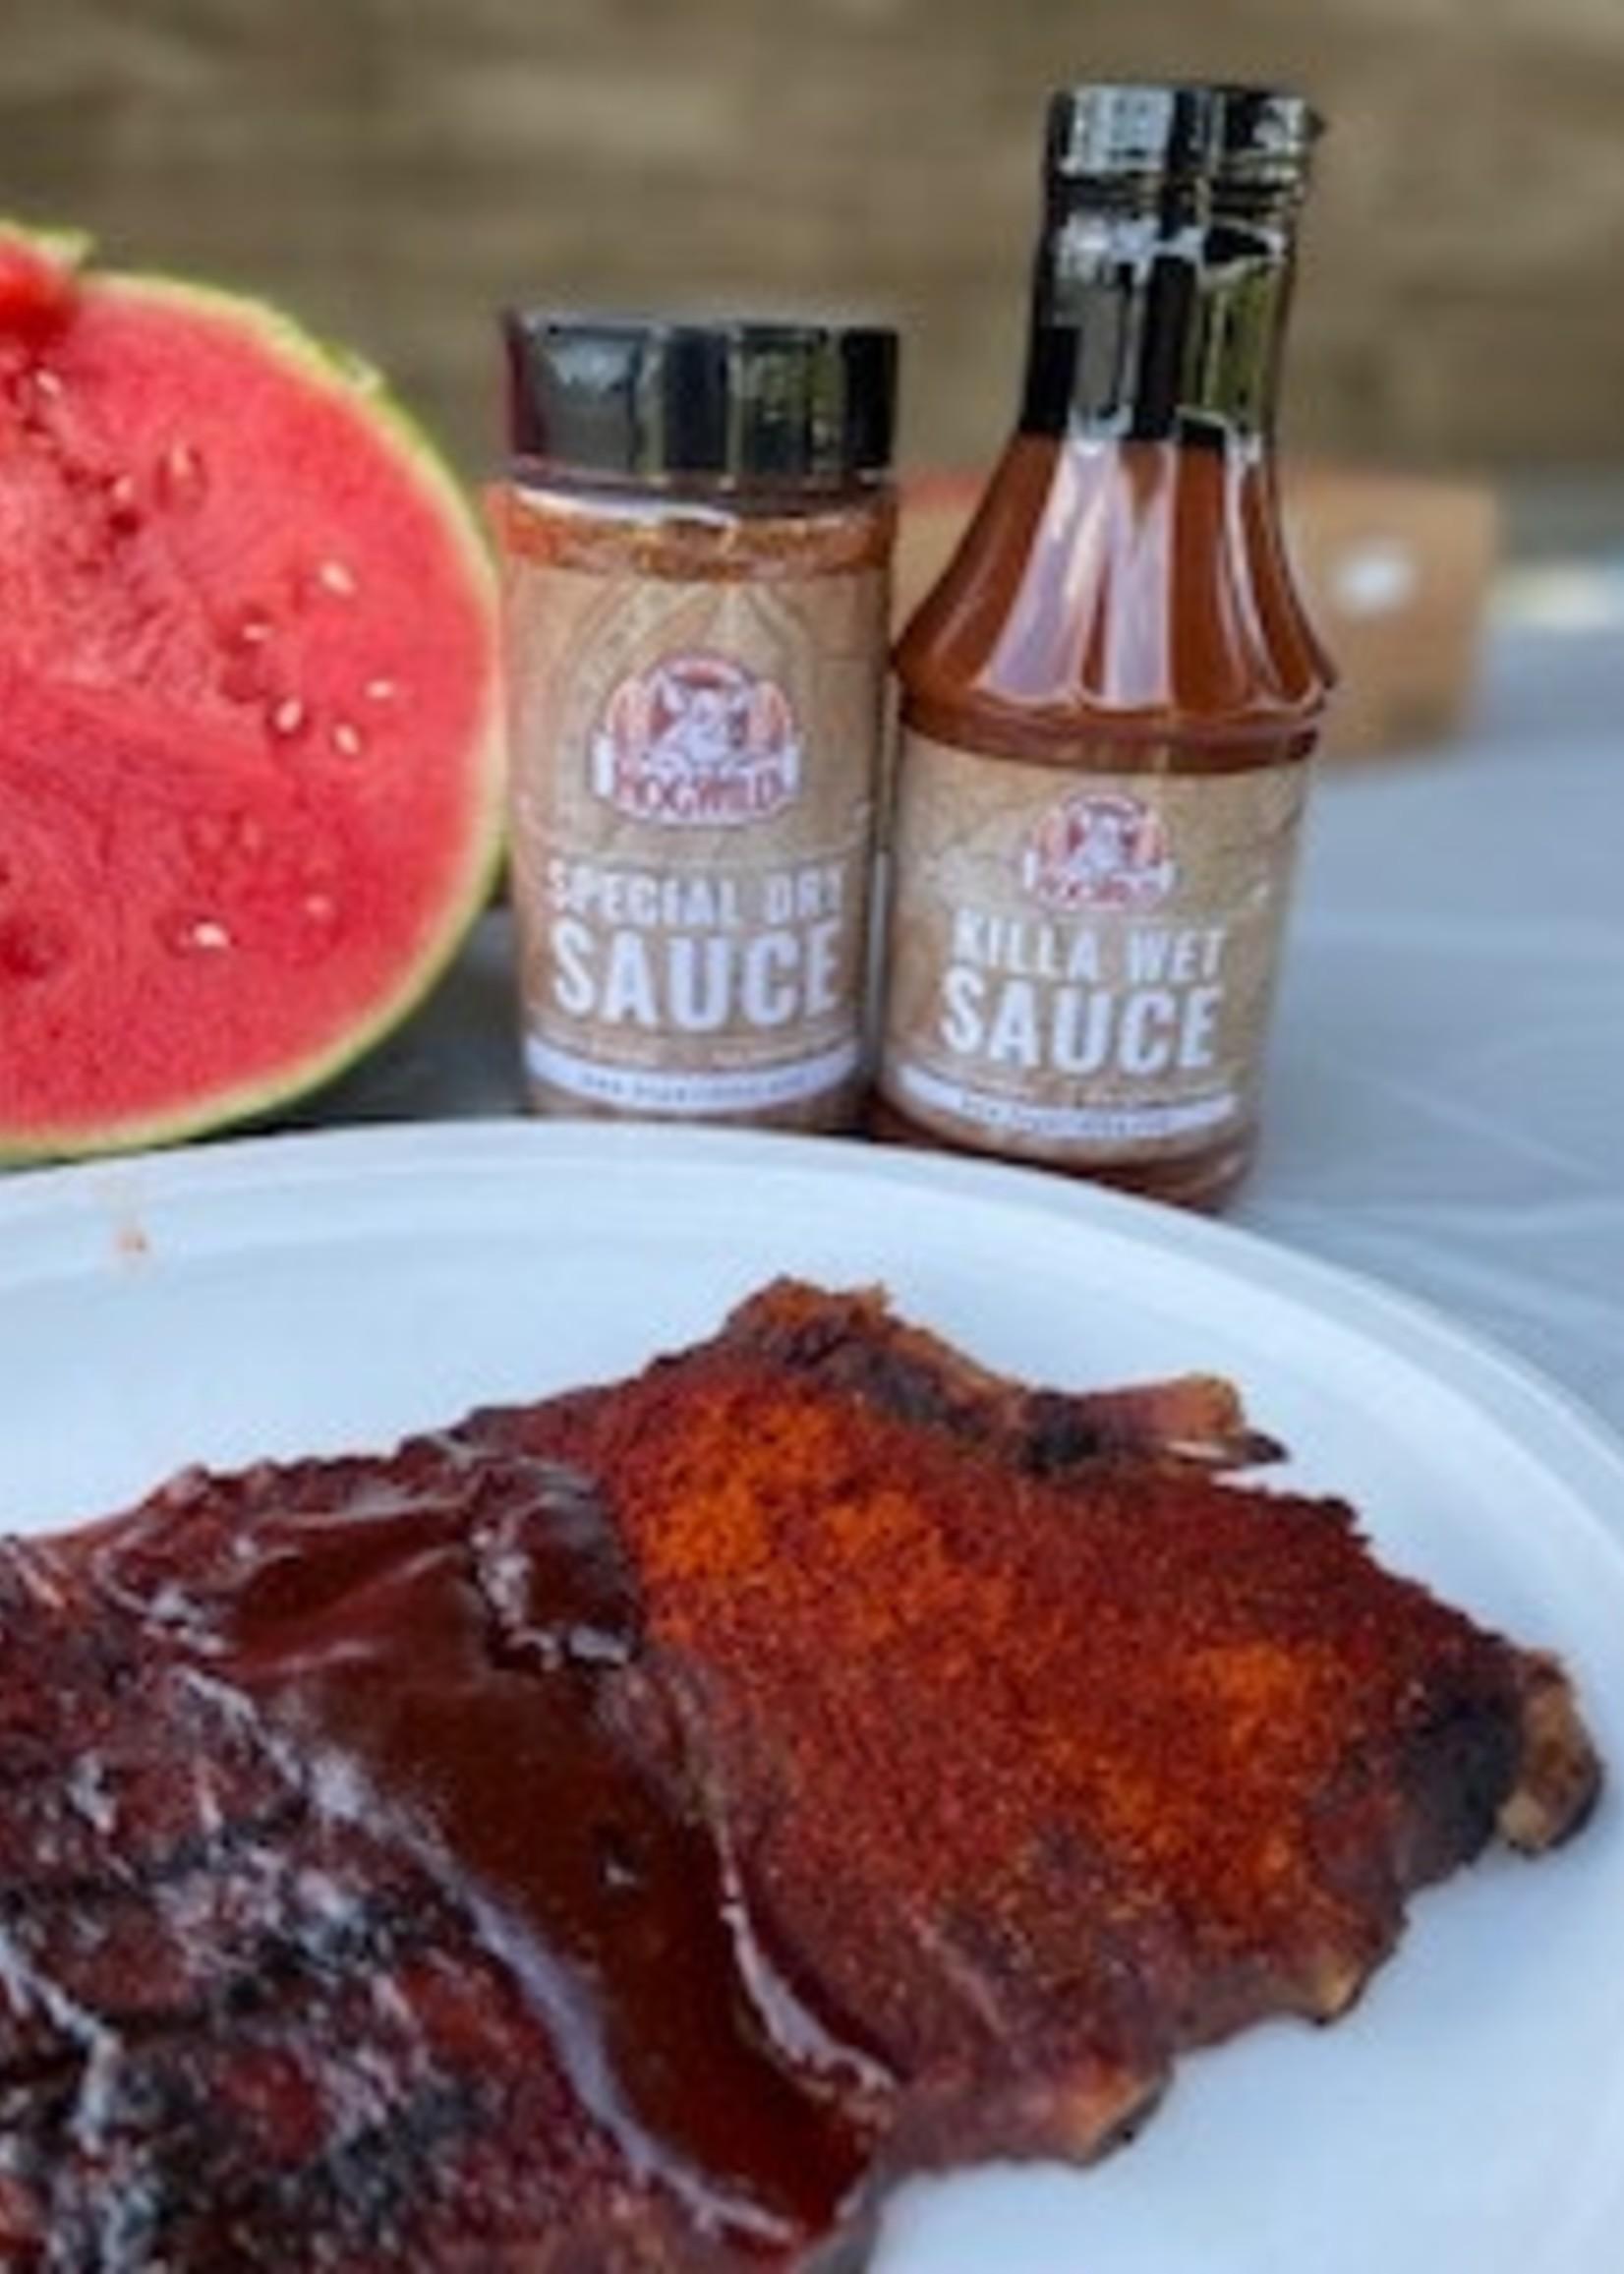 Hog Wild BBQ Hog Wild Killa Wet Sauce